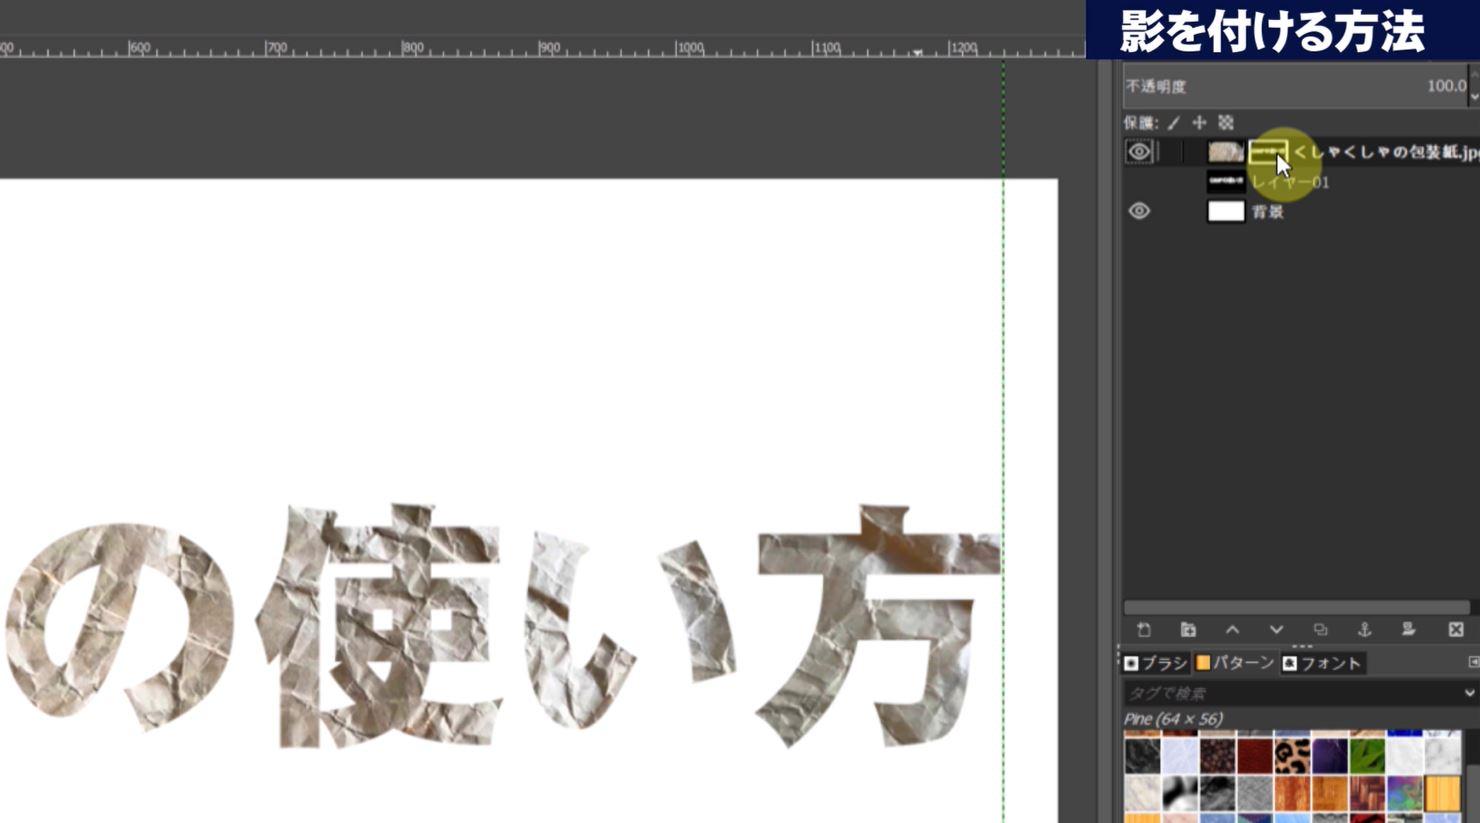 GIMPで切り抜いた文字に影を付ける方法